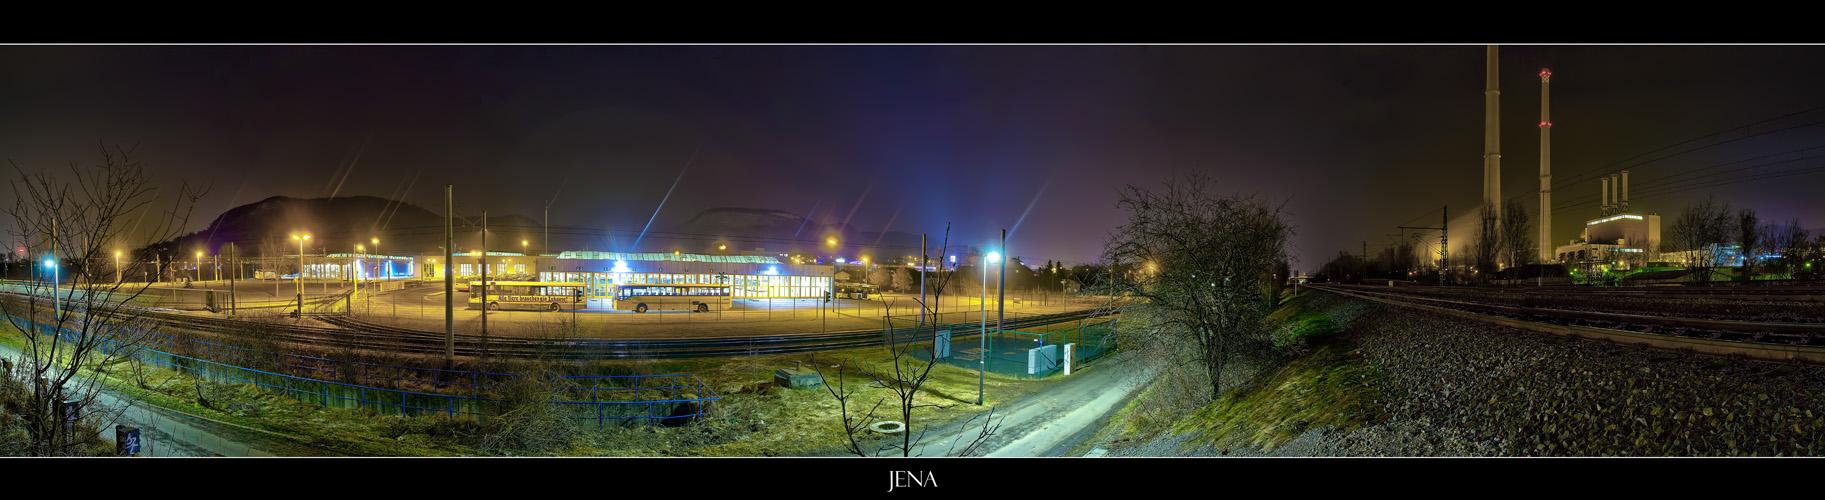 Jena bei Nacht III